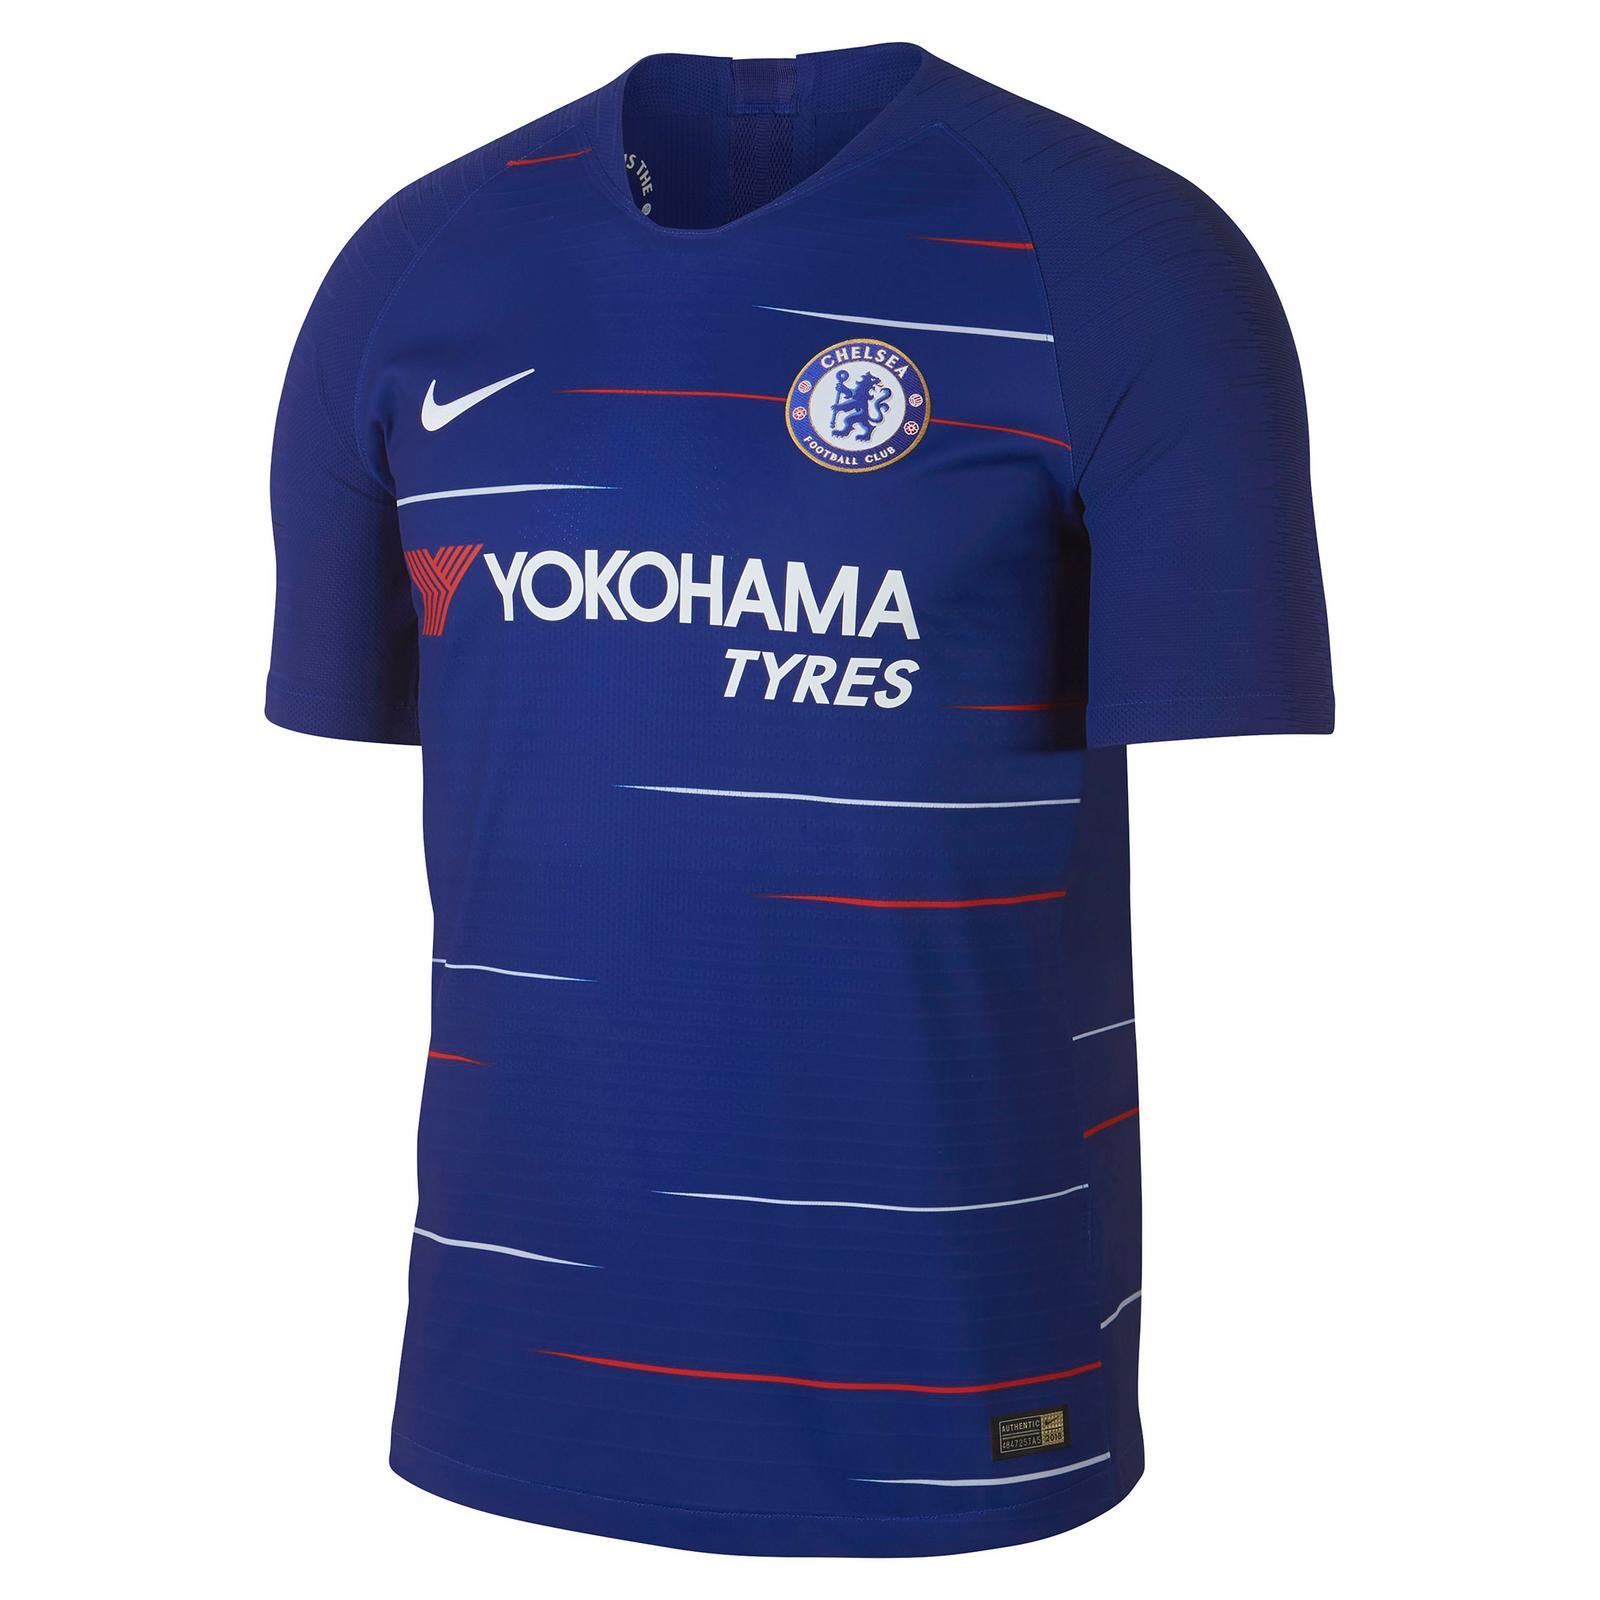 Chelsea 2018-19 Nike Home Kit